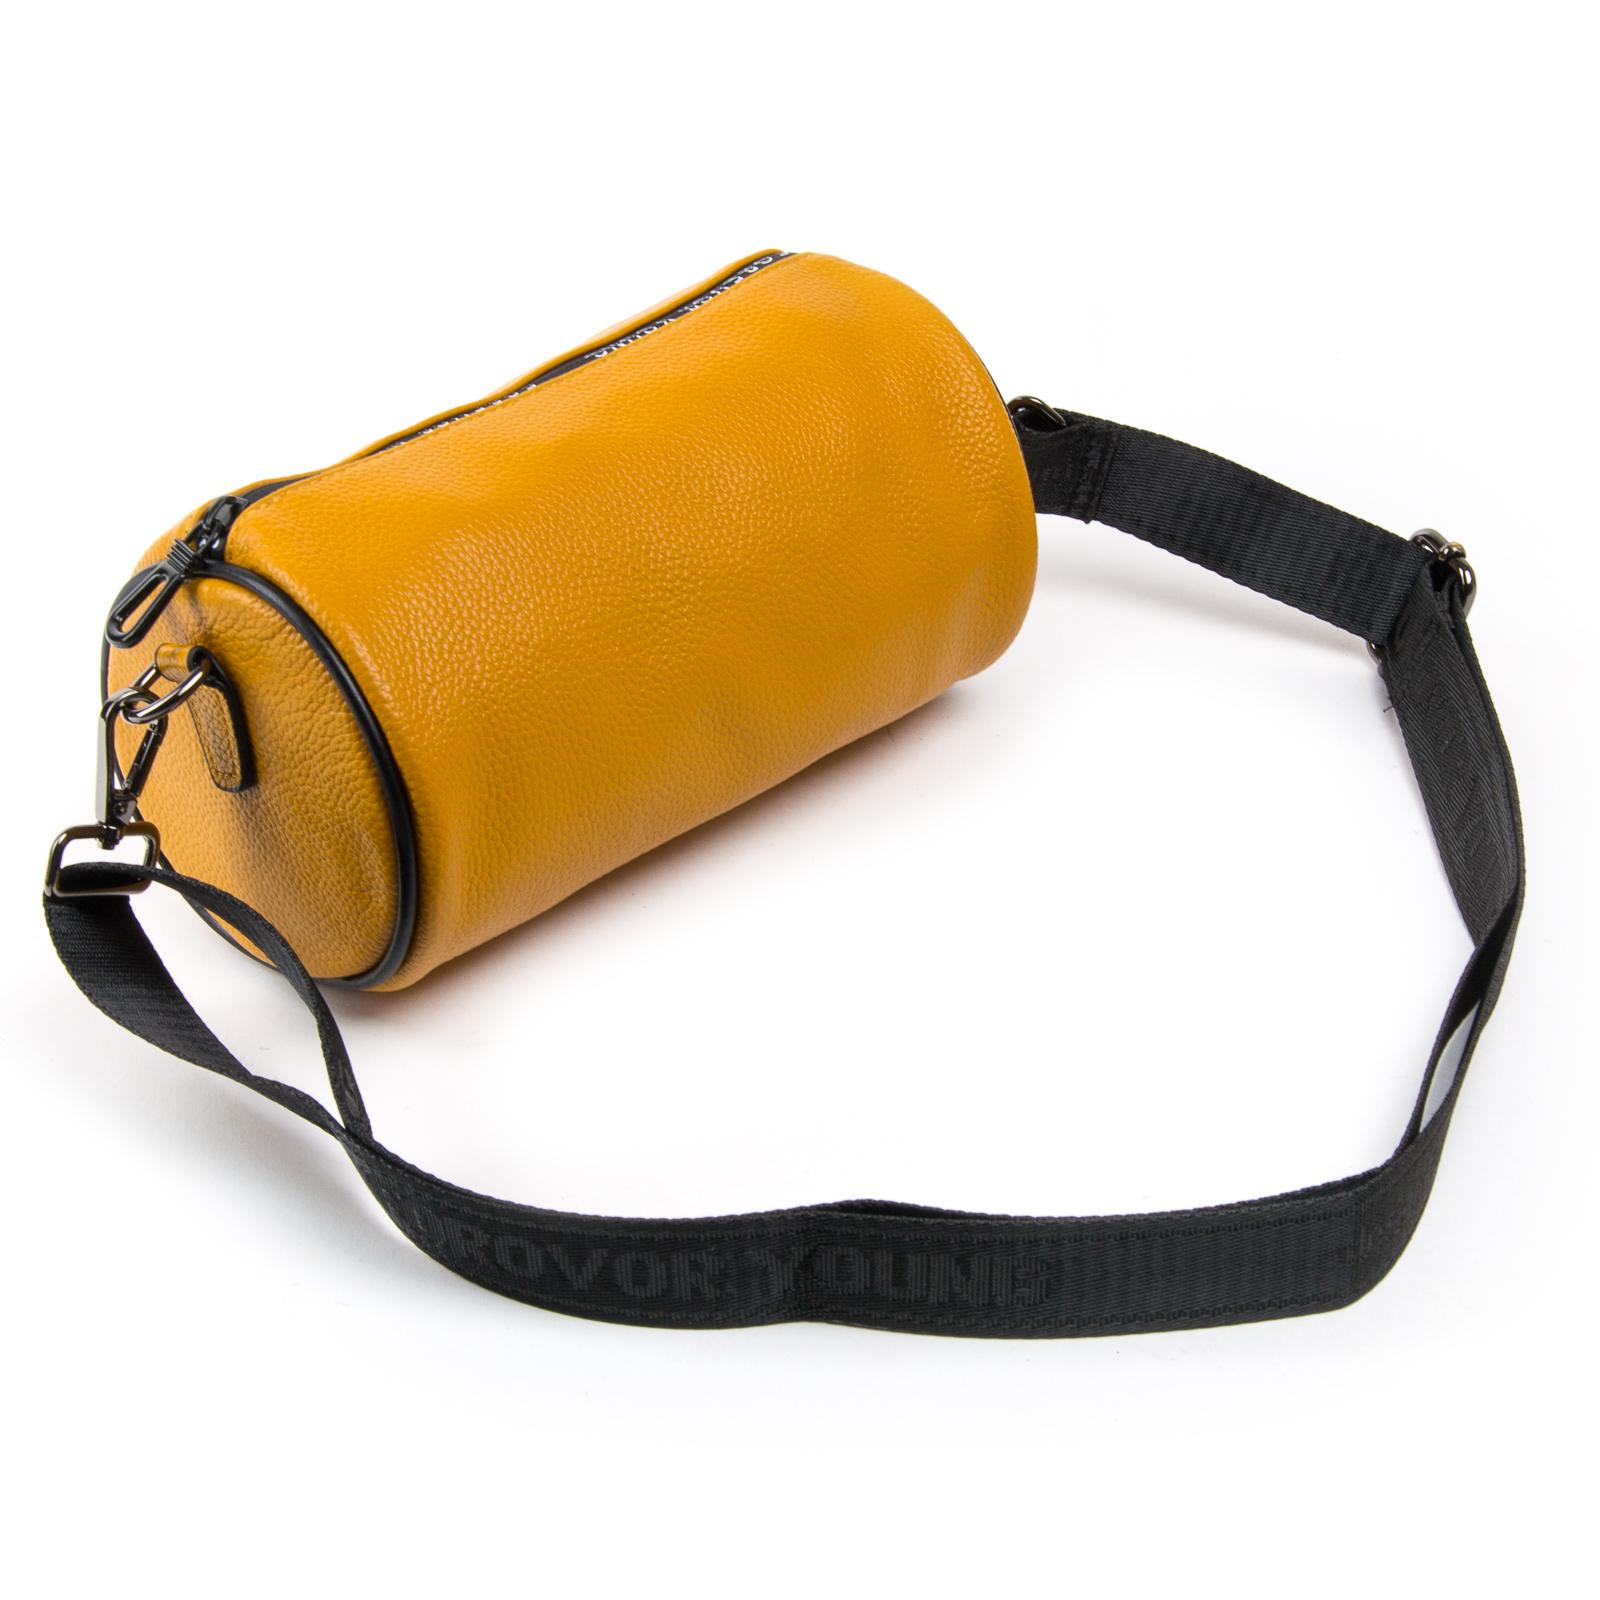 Сумка Женская Клатч кожа ALEX RAI 1-02 39030-9 yellow - фото 3